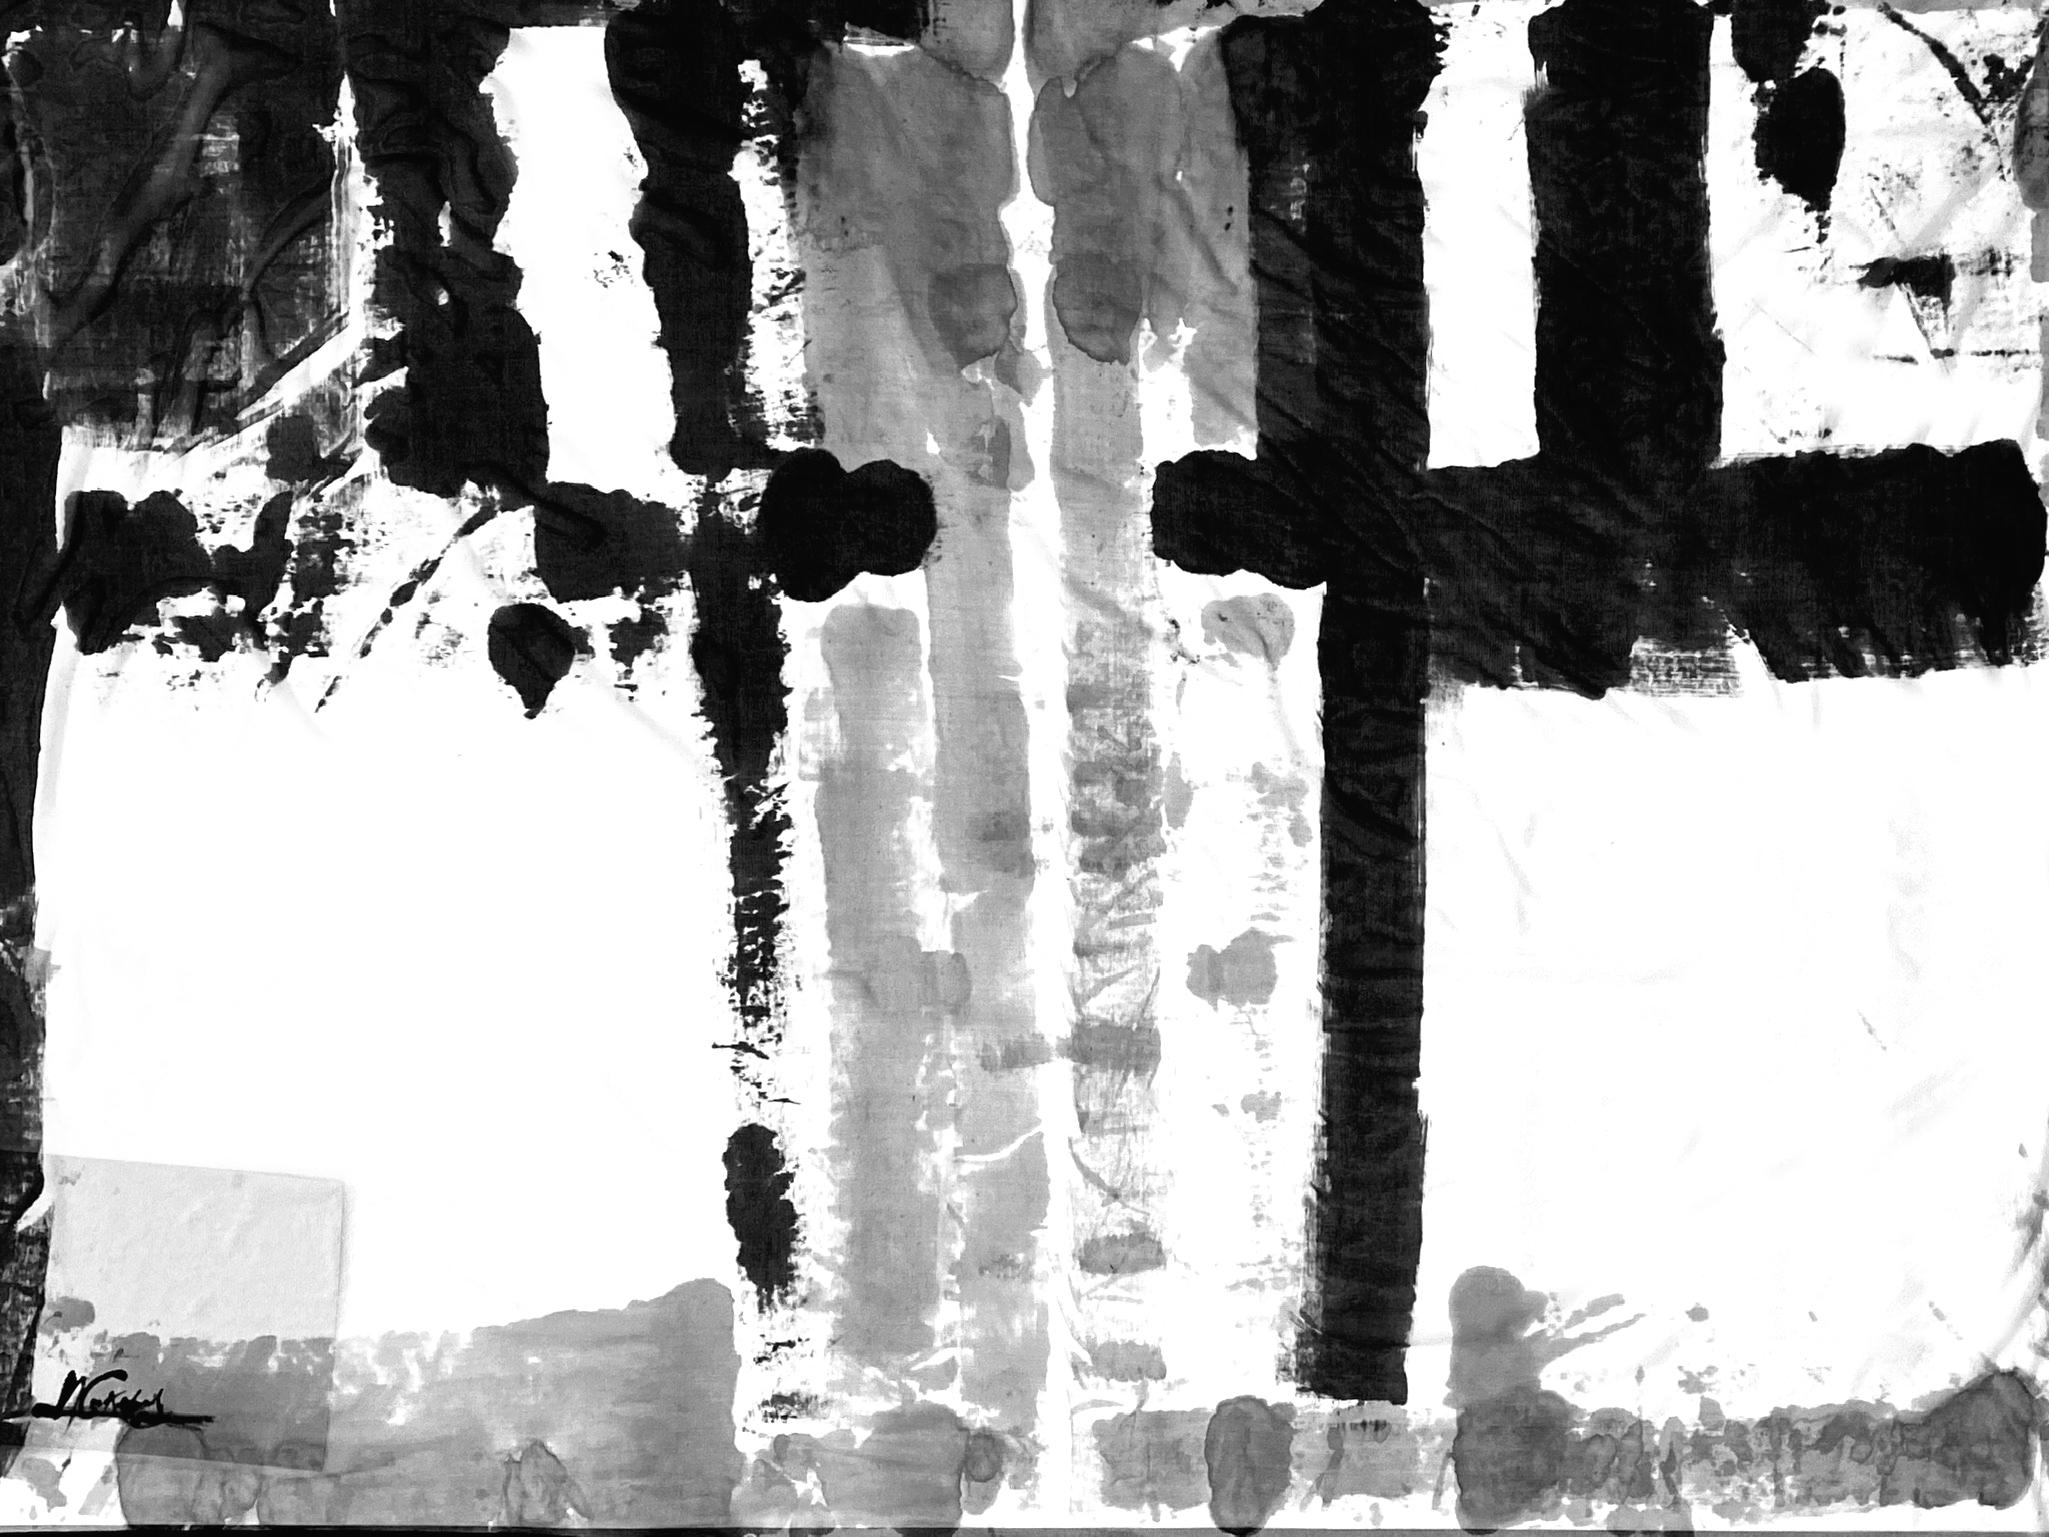 [着るARTストール]PLAIN CORNICE STOLE【SILKシルク】1117SILK-HP60 [登録意匠][送料/税込]